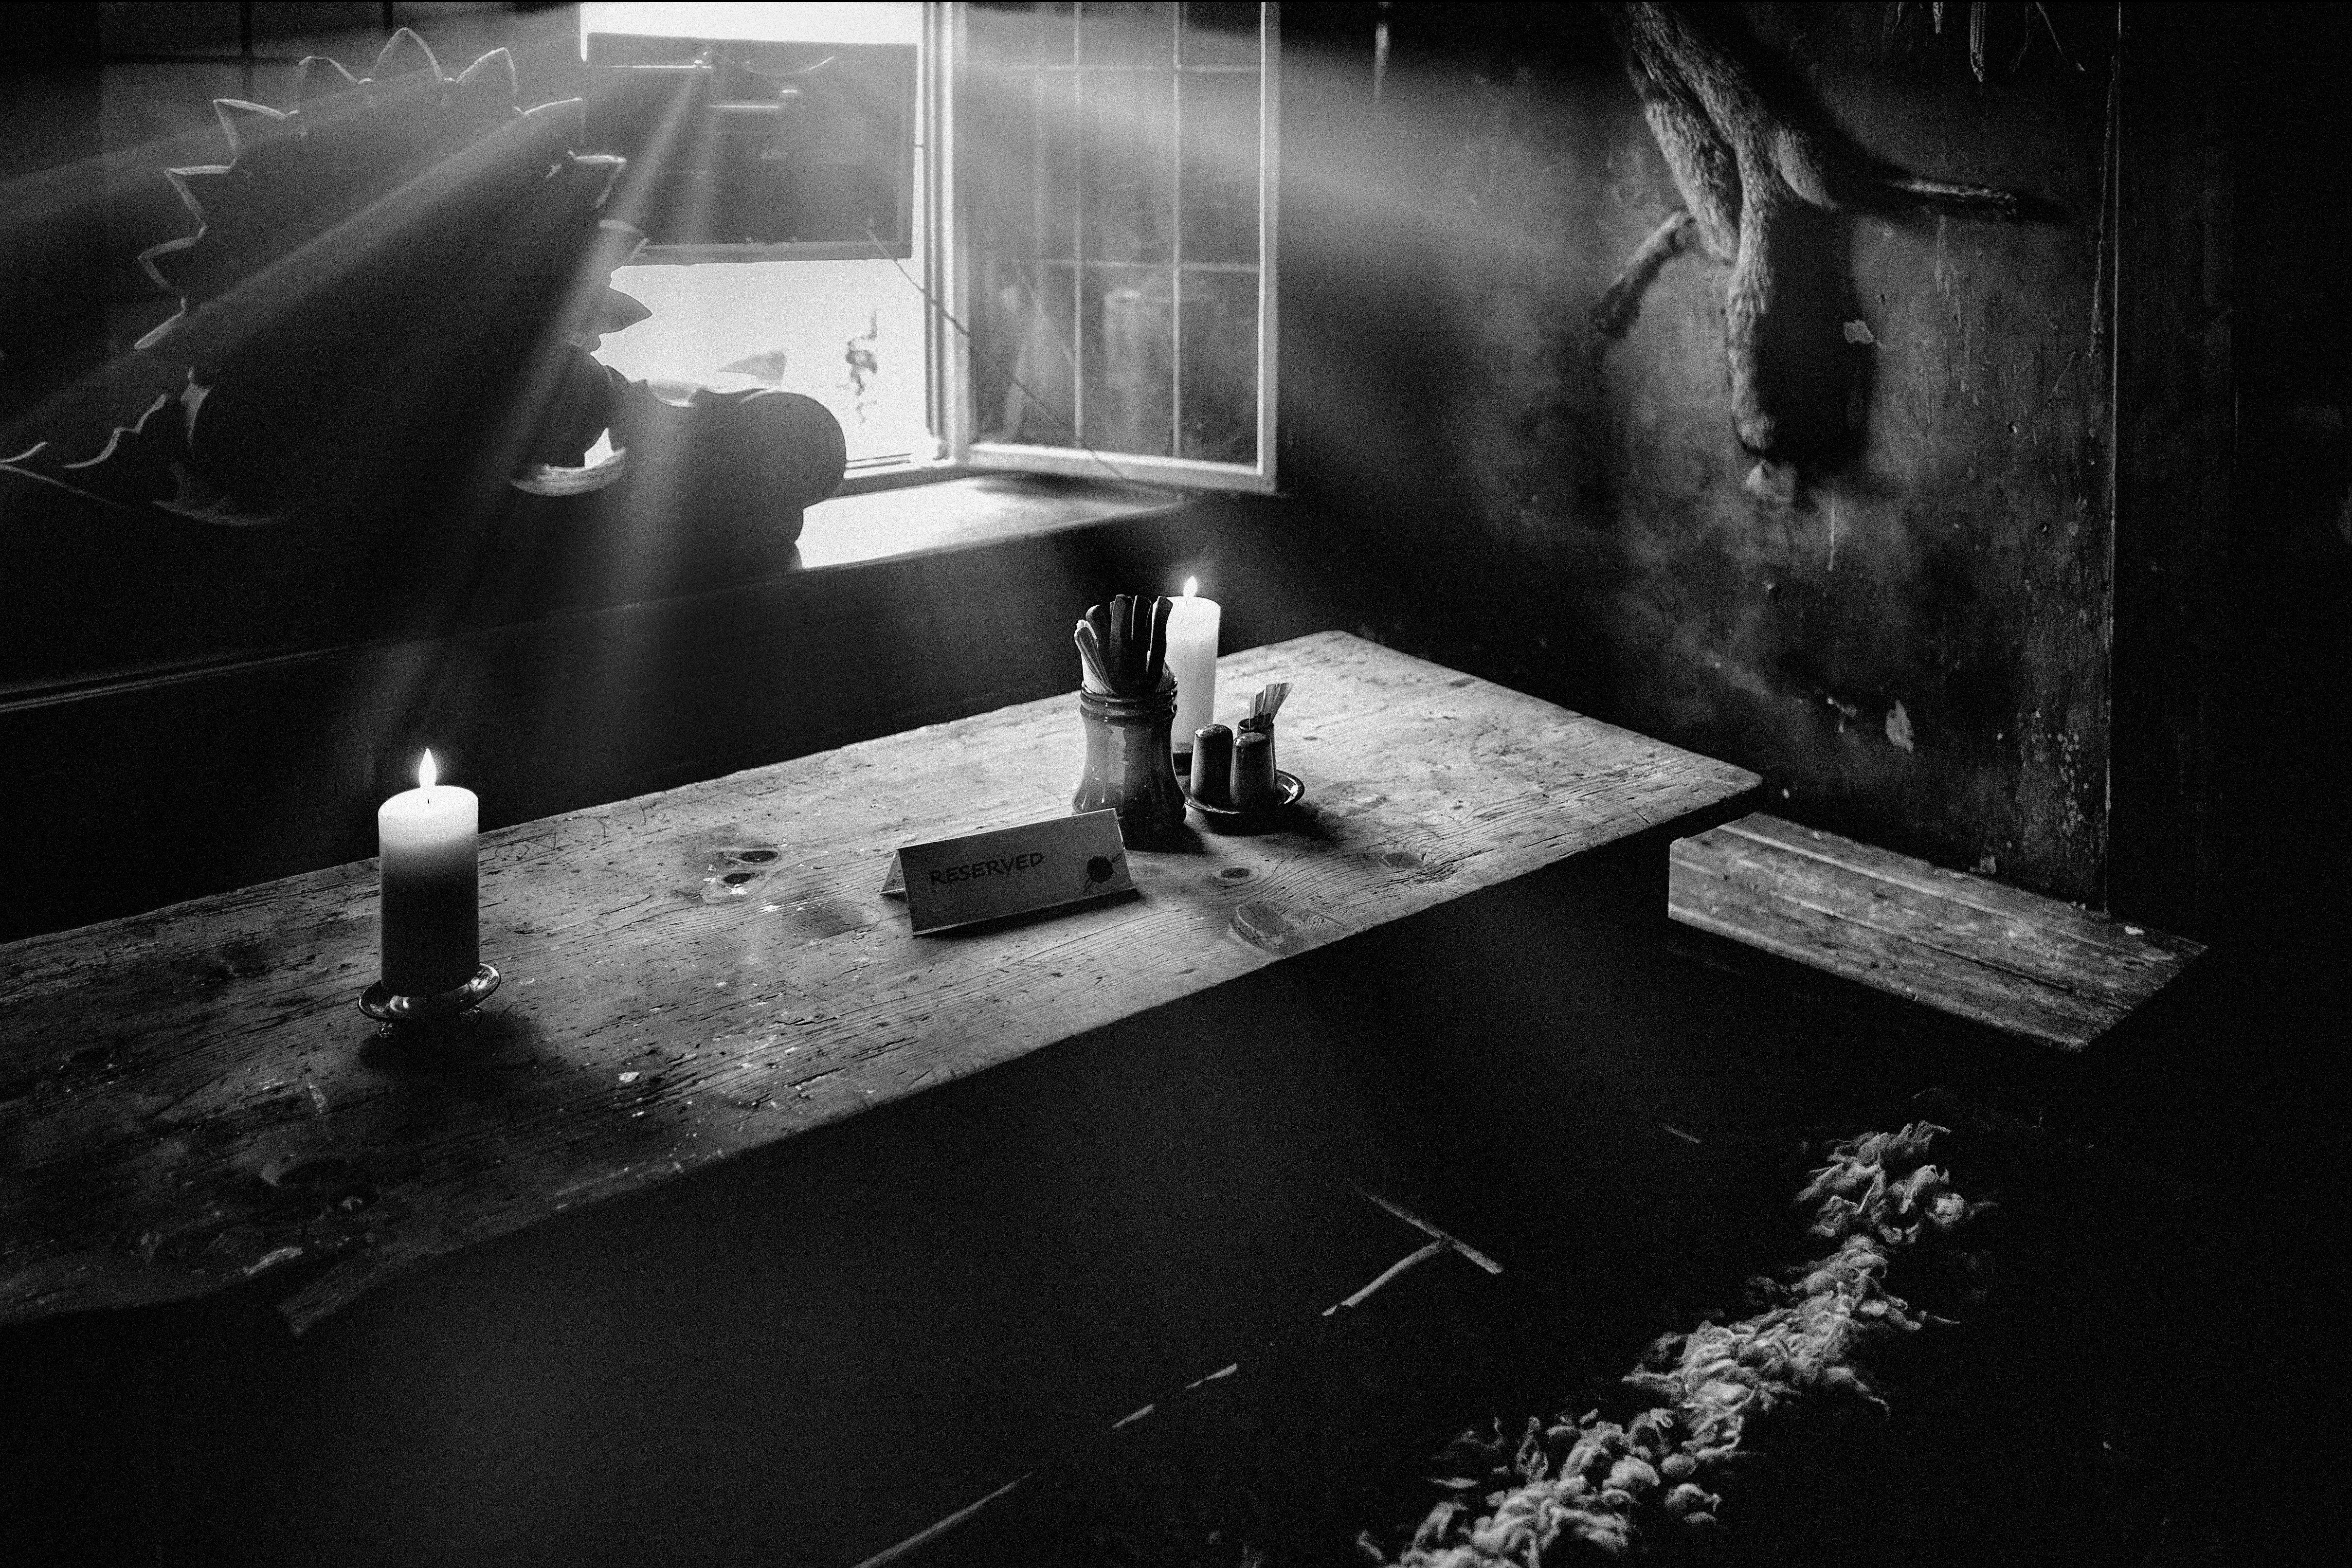 """""""Bodegón"""", U krále Brabantshého (interior del pub, para algunos, el más viejo de Pragha), Camino al Castillo, Pragha, República Checa. Abril 2018."""